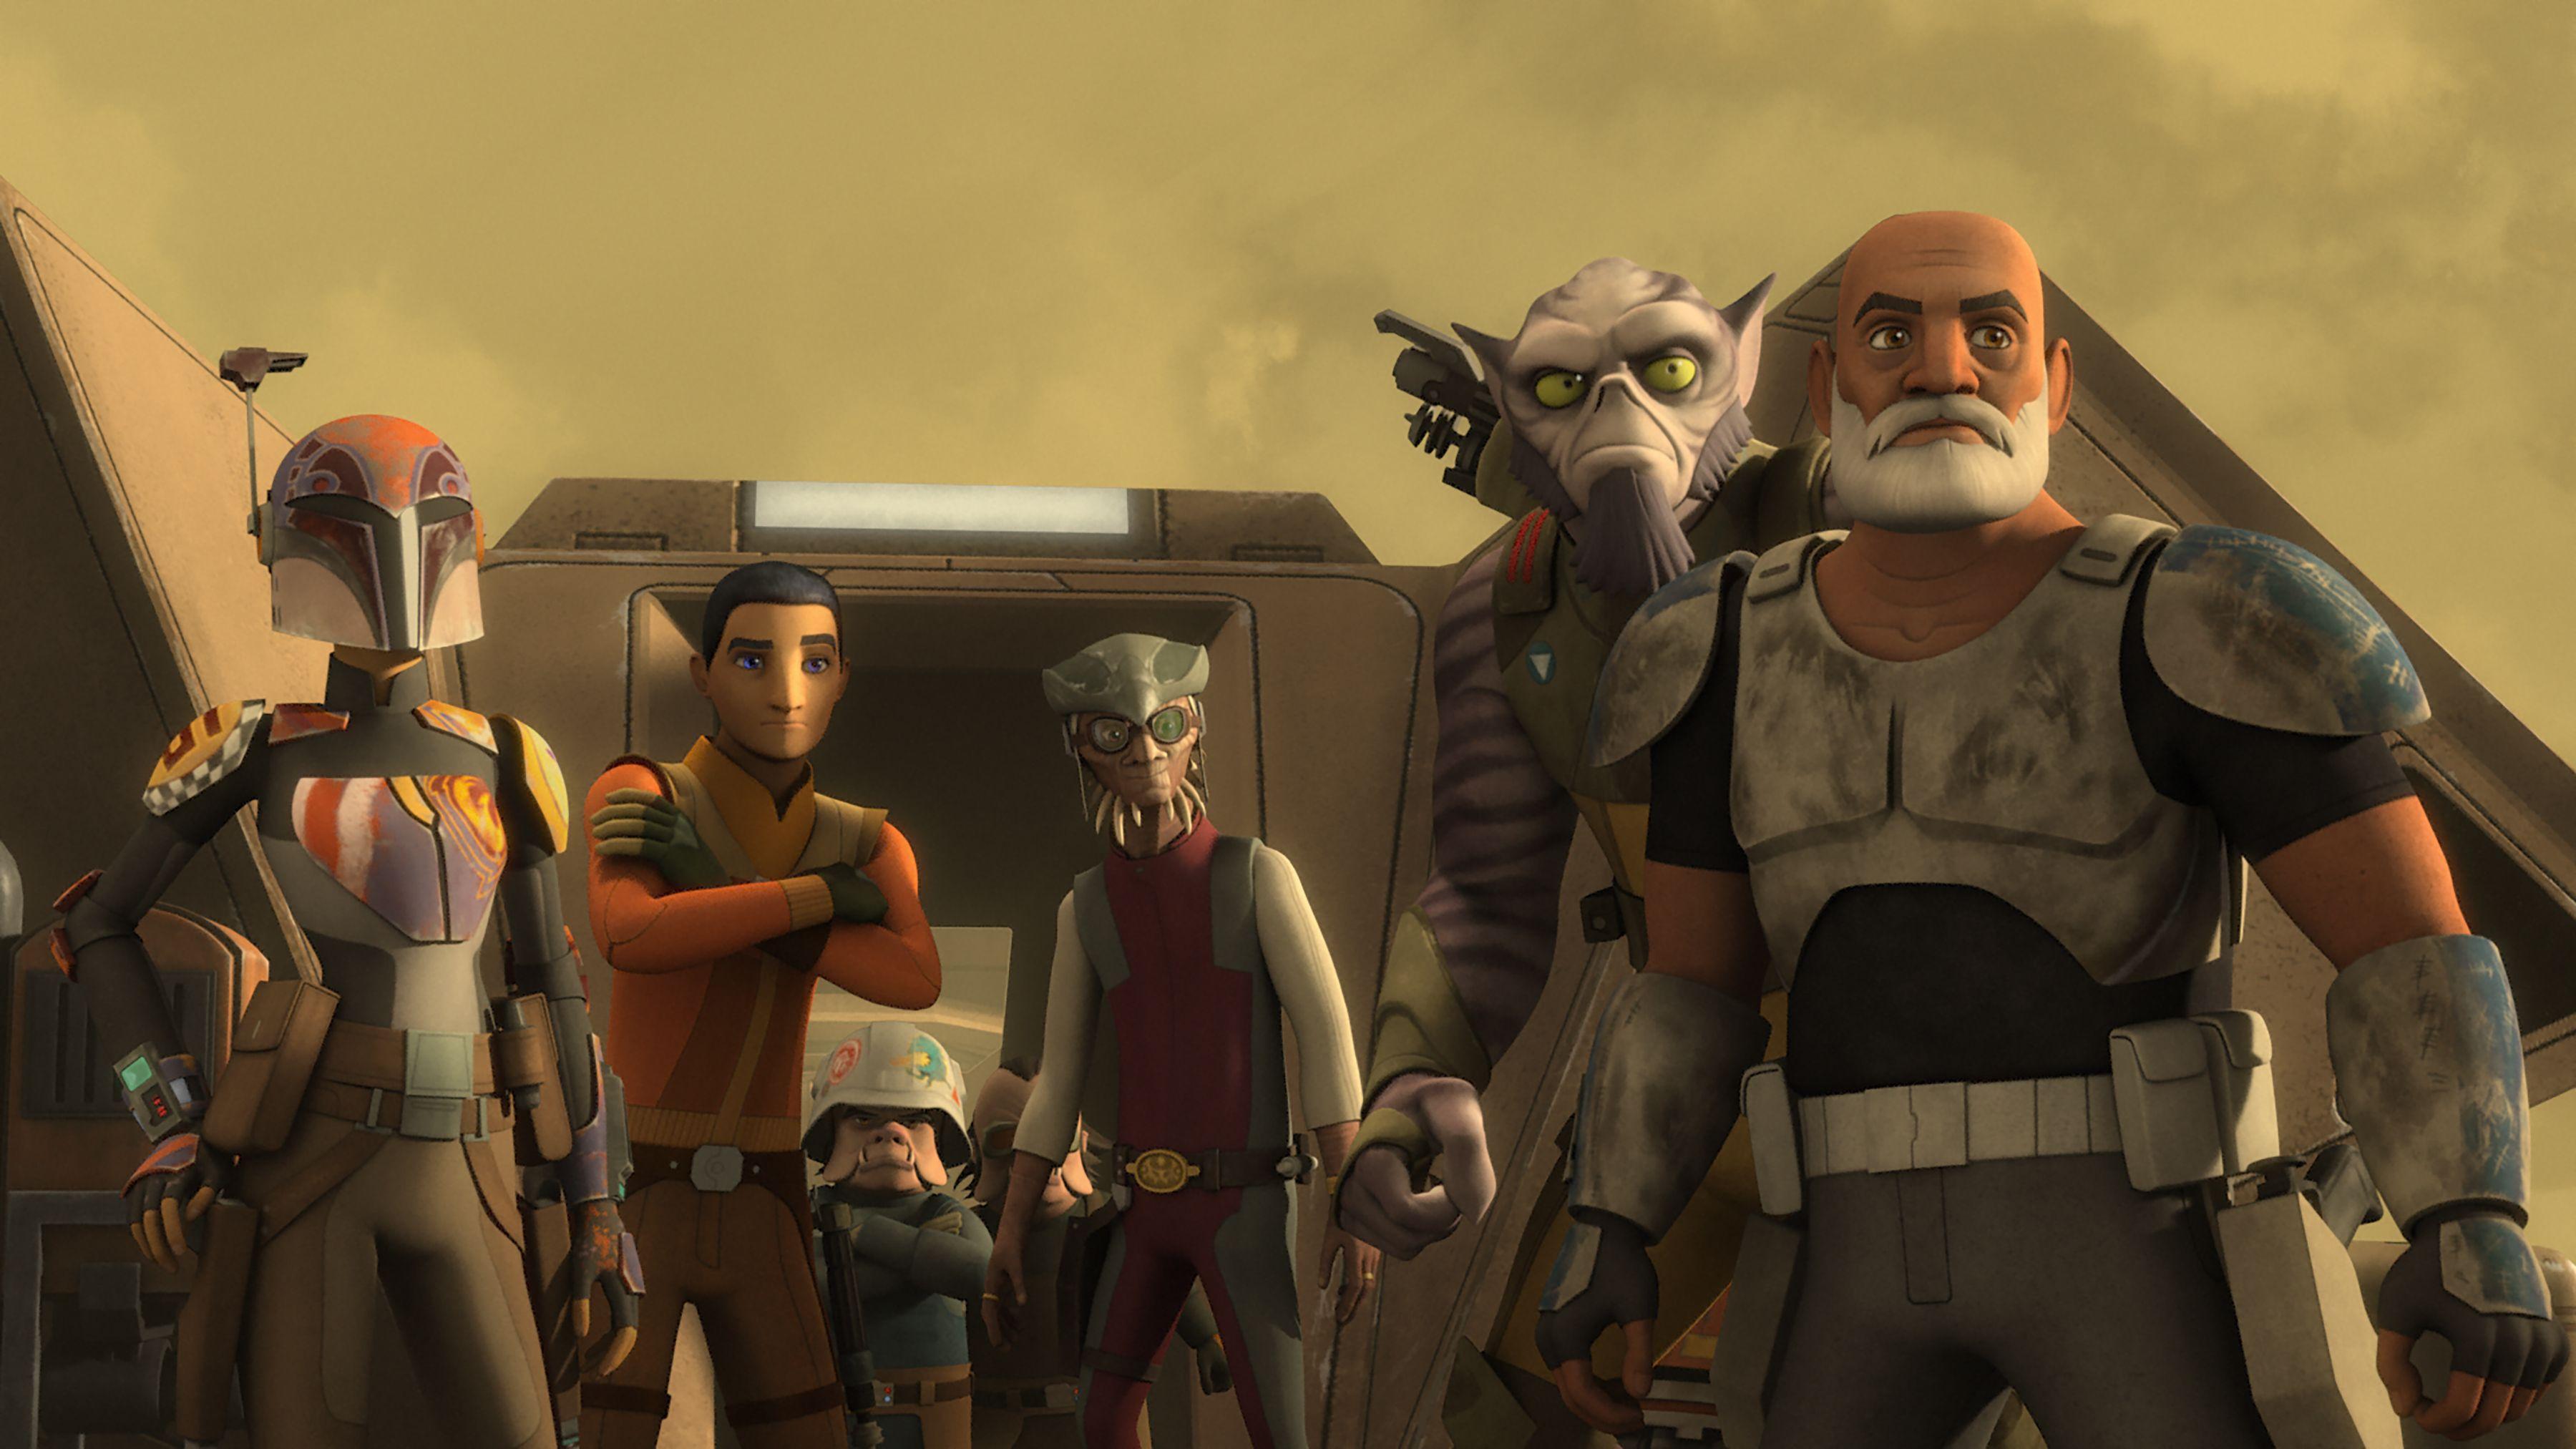 Star Wars Rebels Season 3 Premiere Date Confirmed Collider